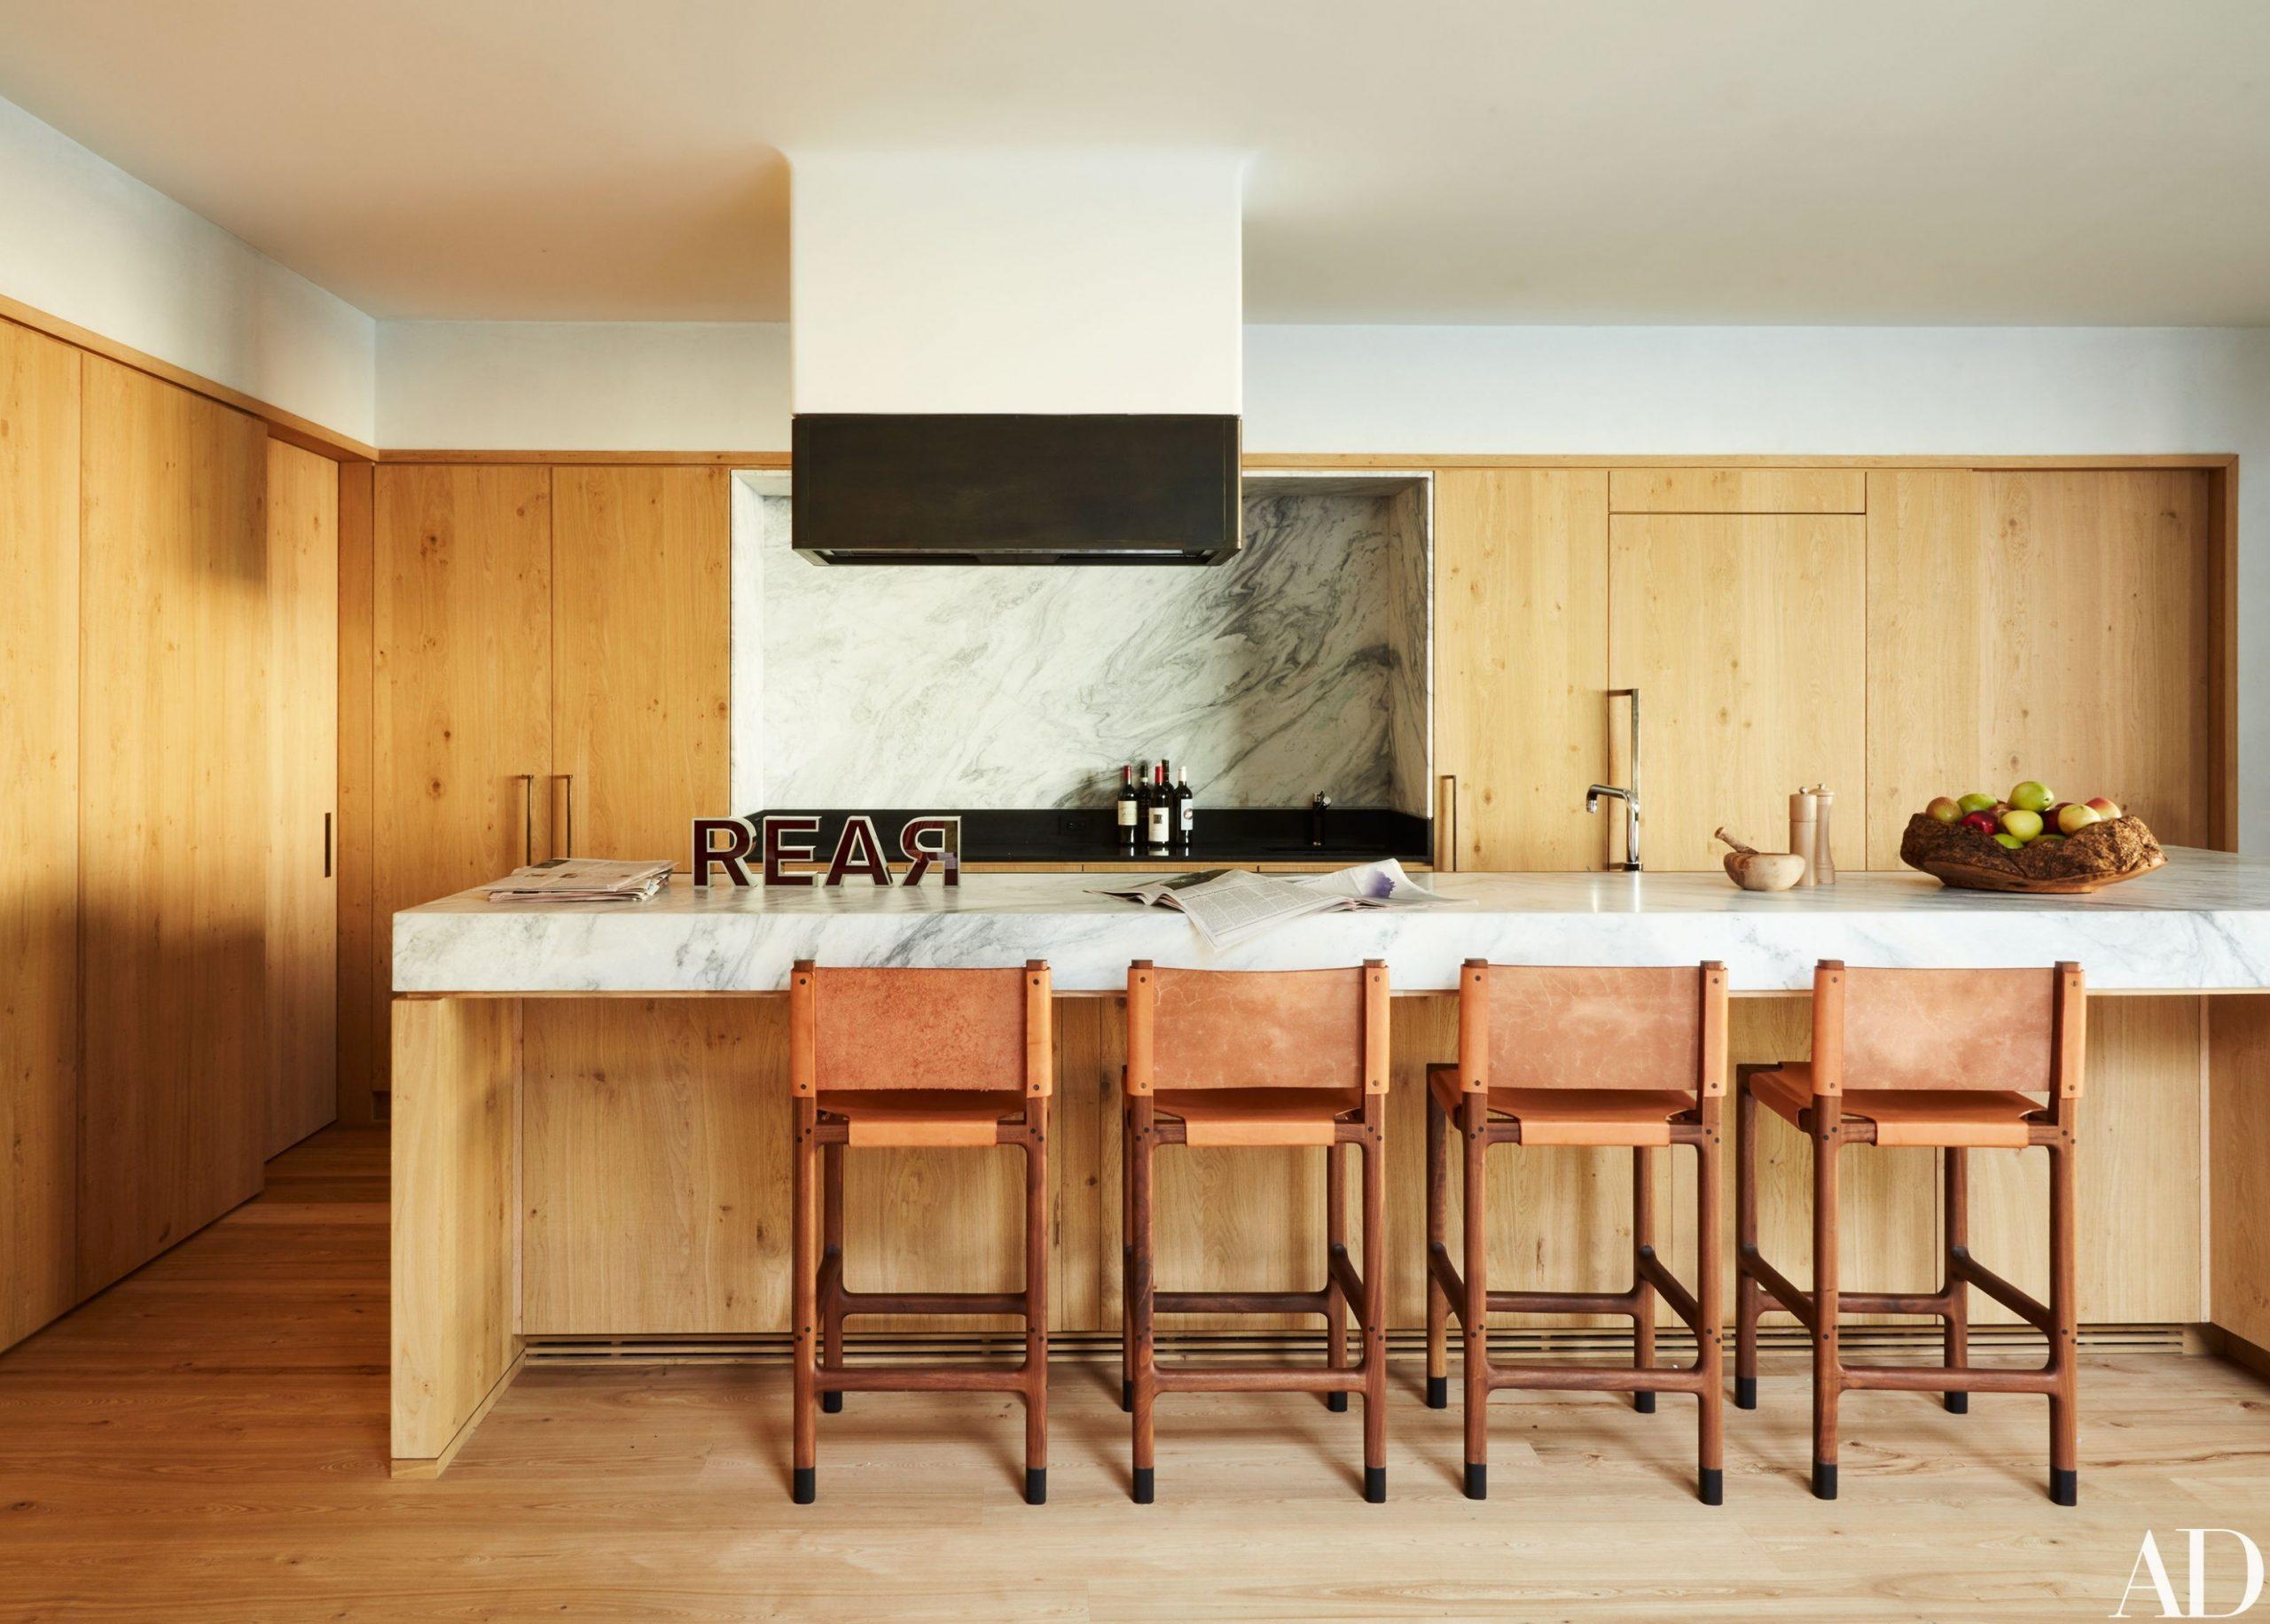 12 Sleek & Inspiring Contemporary Kitchen Design Ideas  - Apartment Kitchen Design Sydney